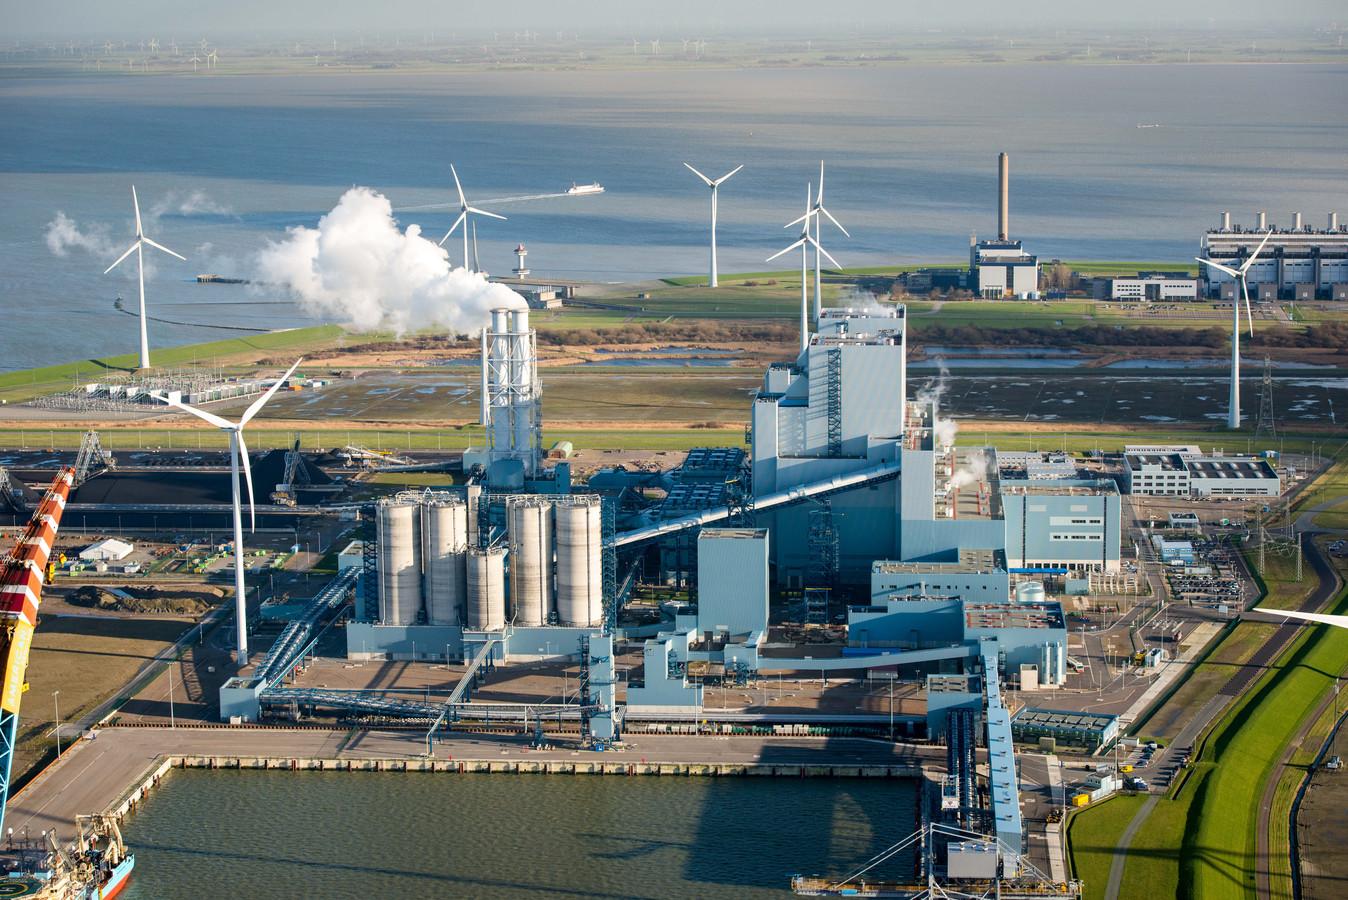 De RWE-centrale in de Eemshaven.